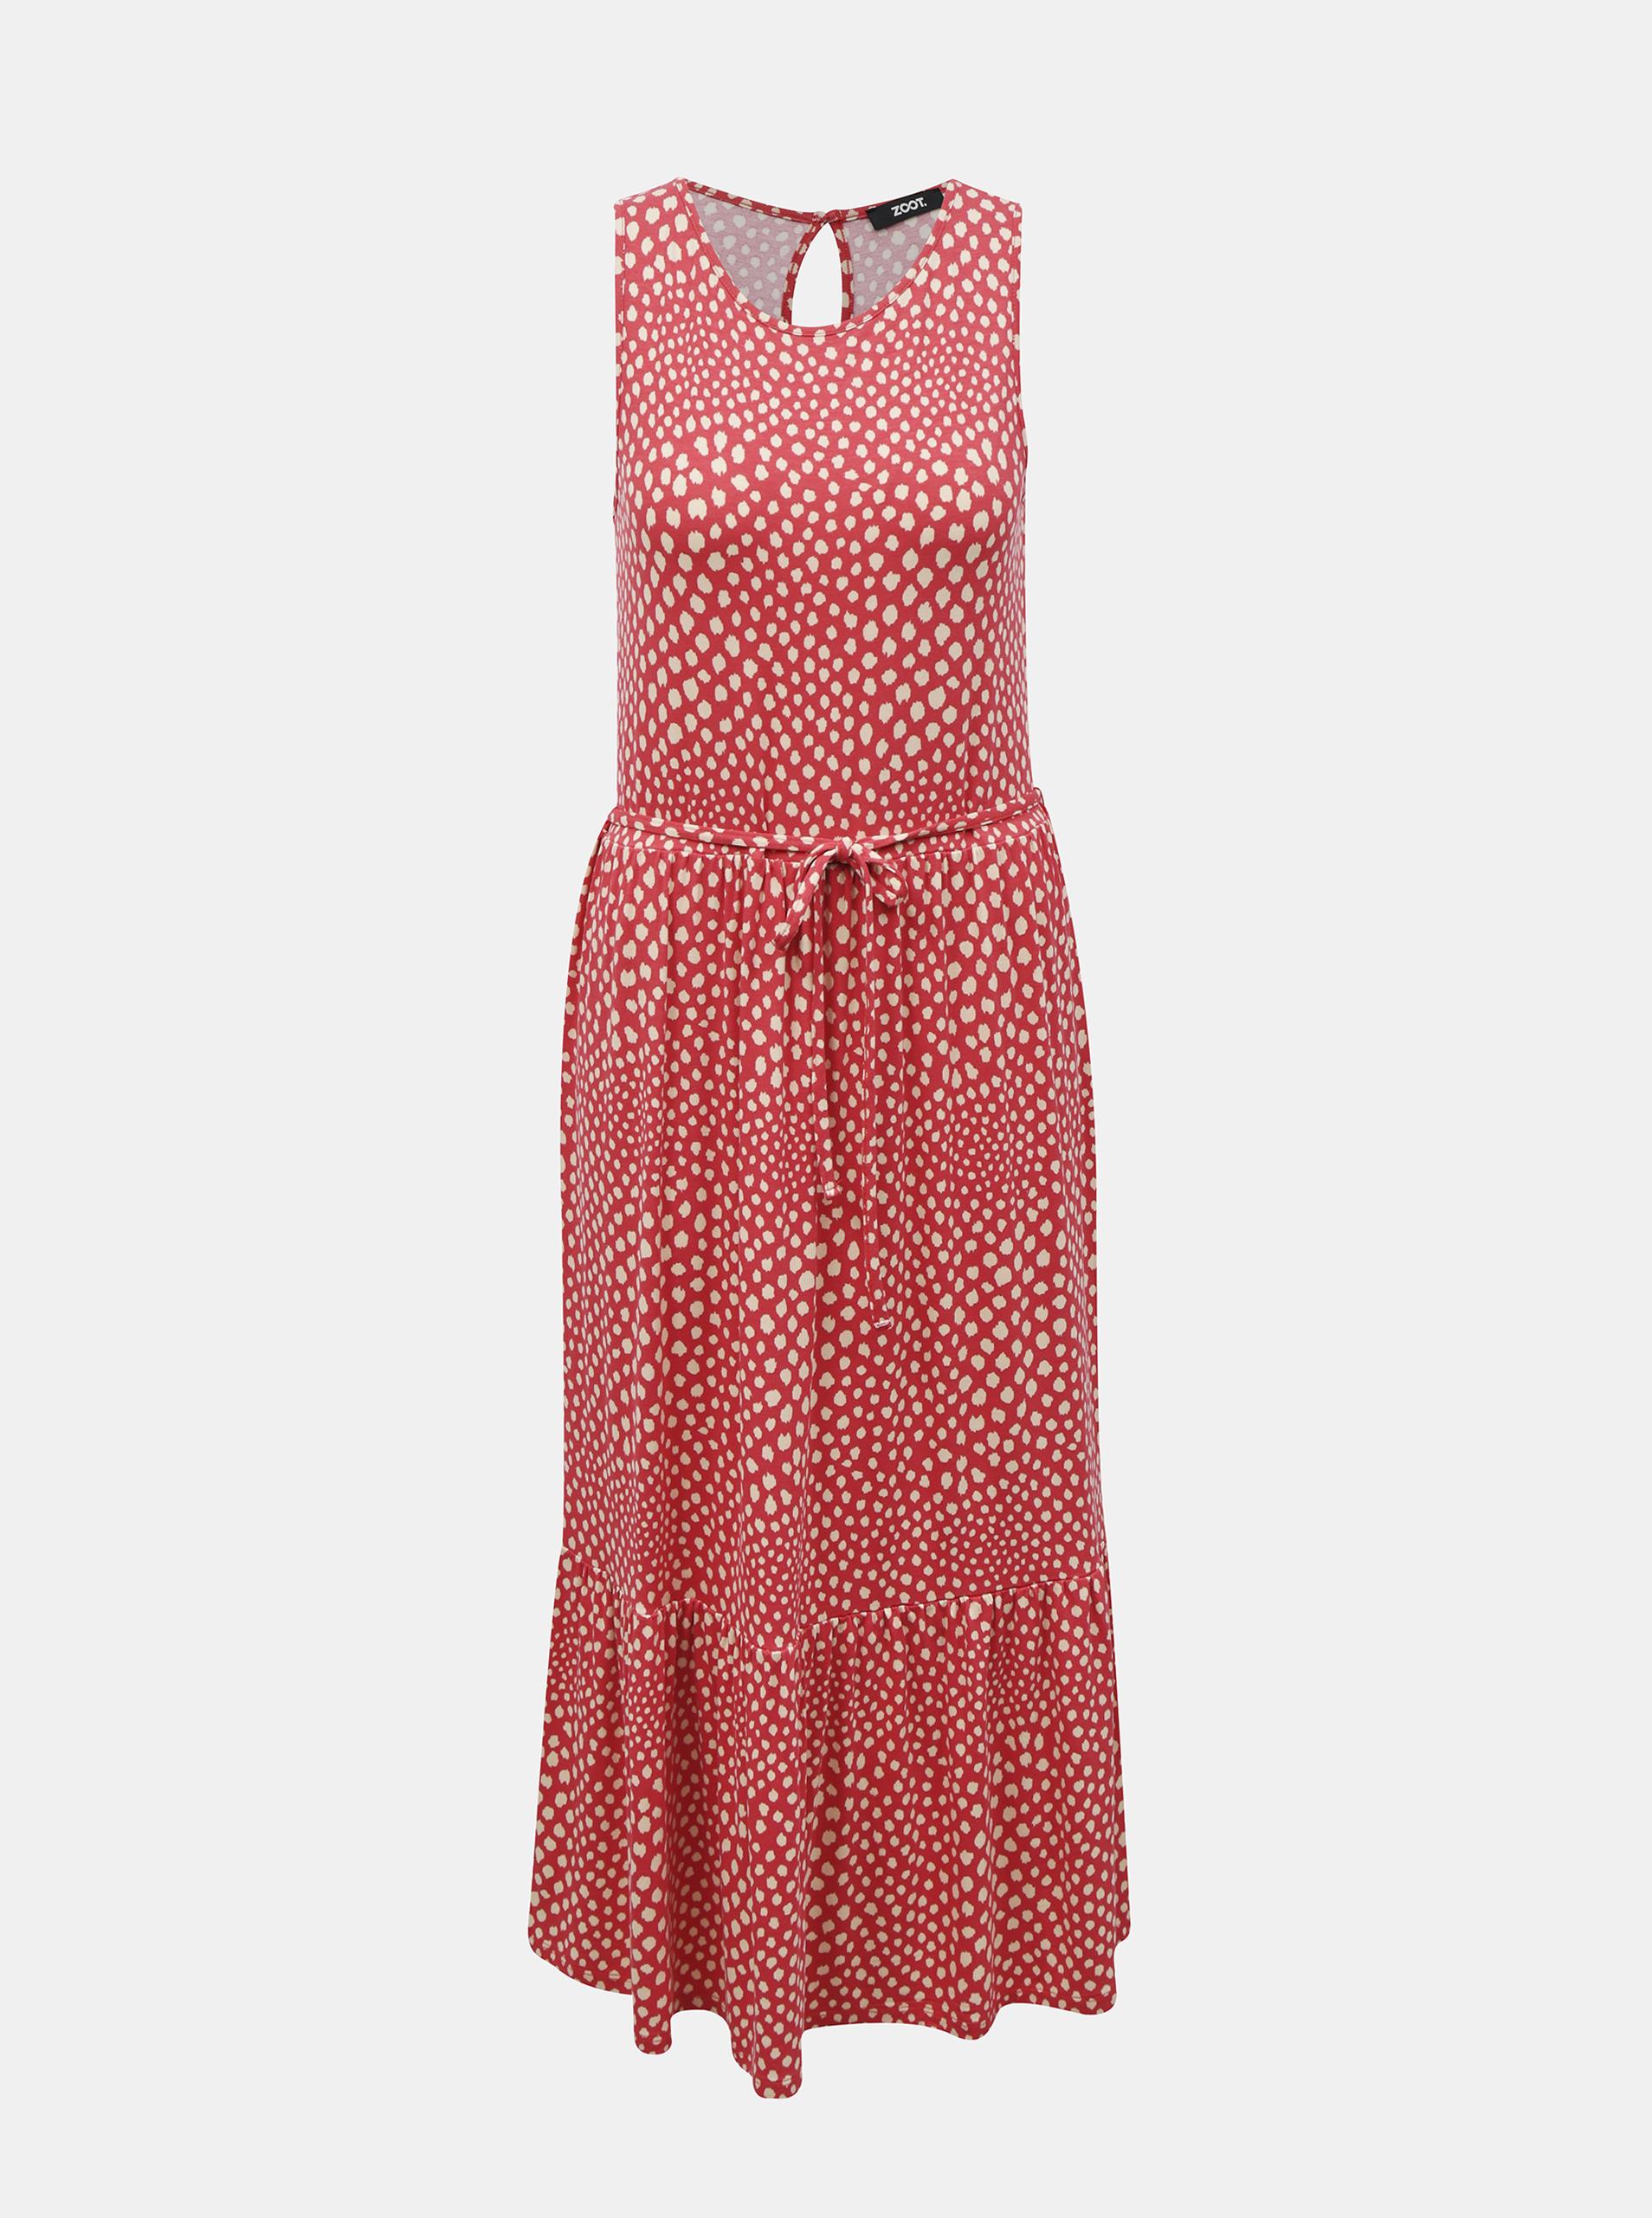 ZOOT red midi dress Zula patterned